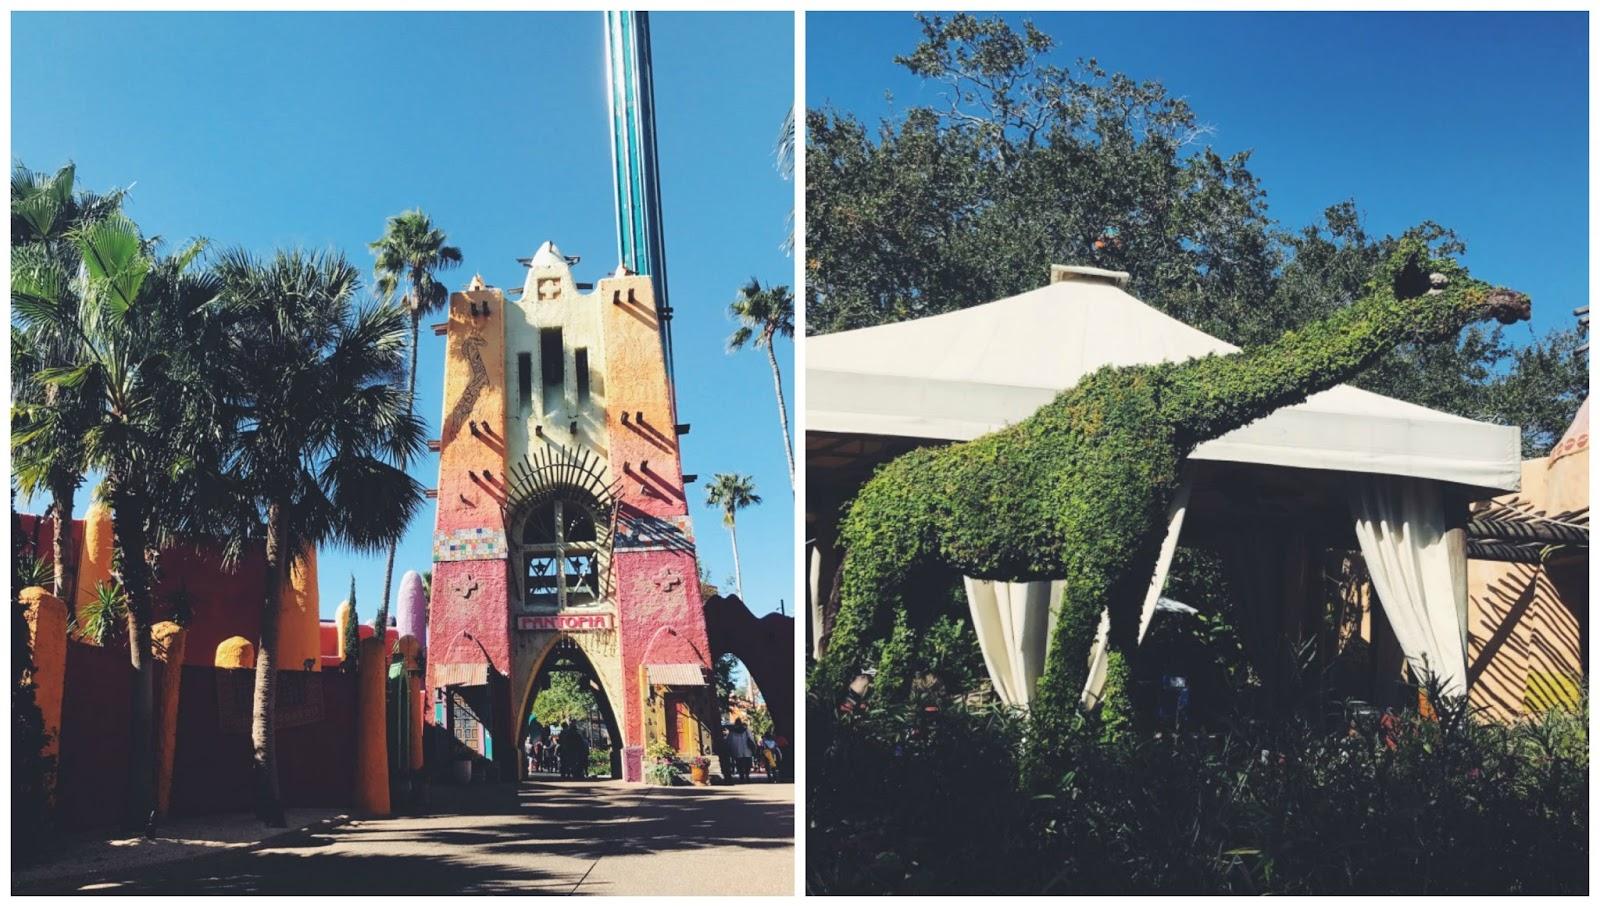 Busch gardens Tampa2